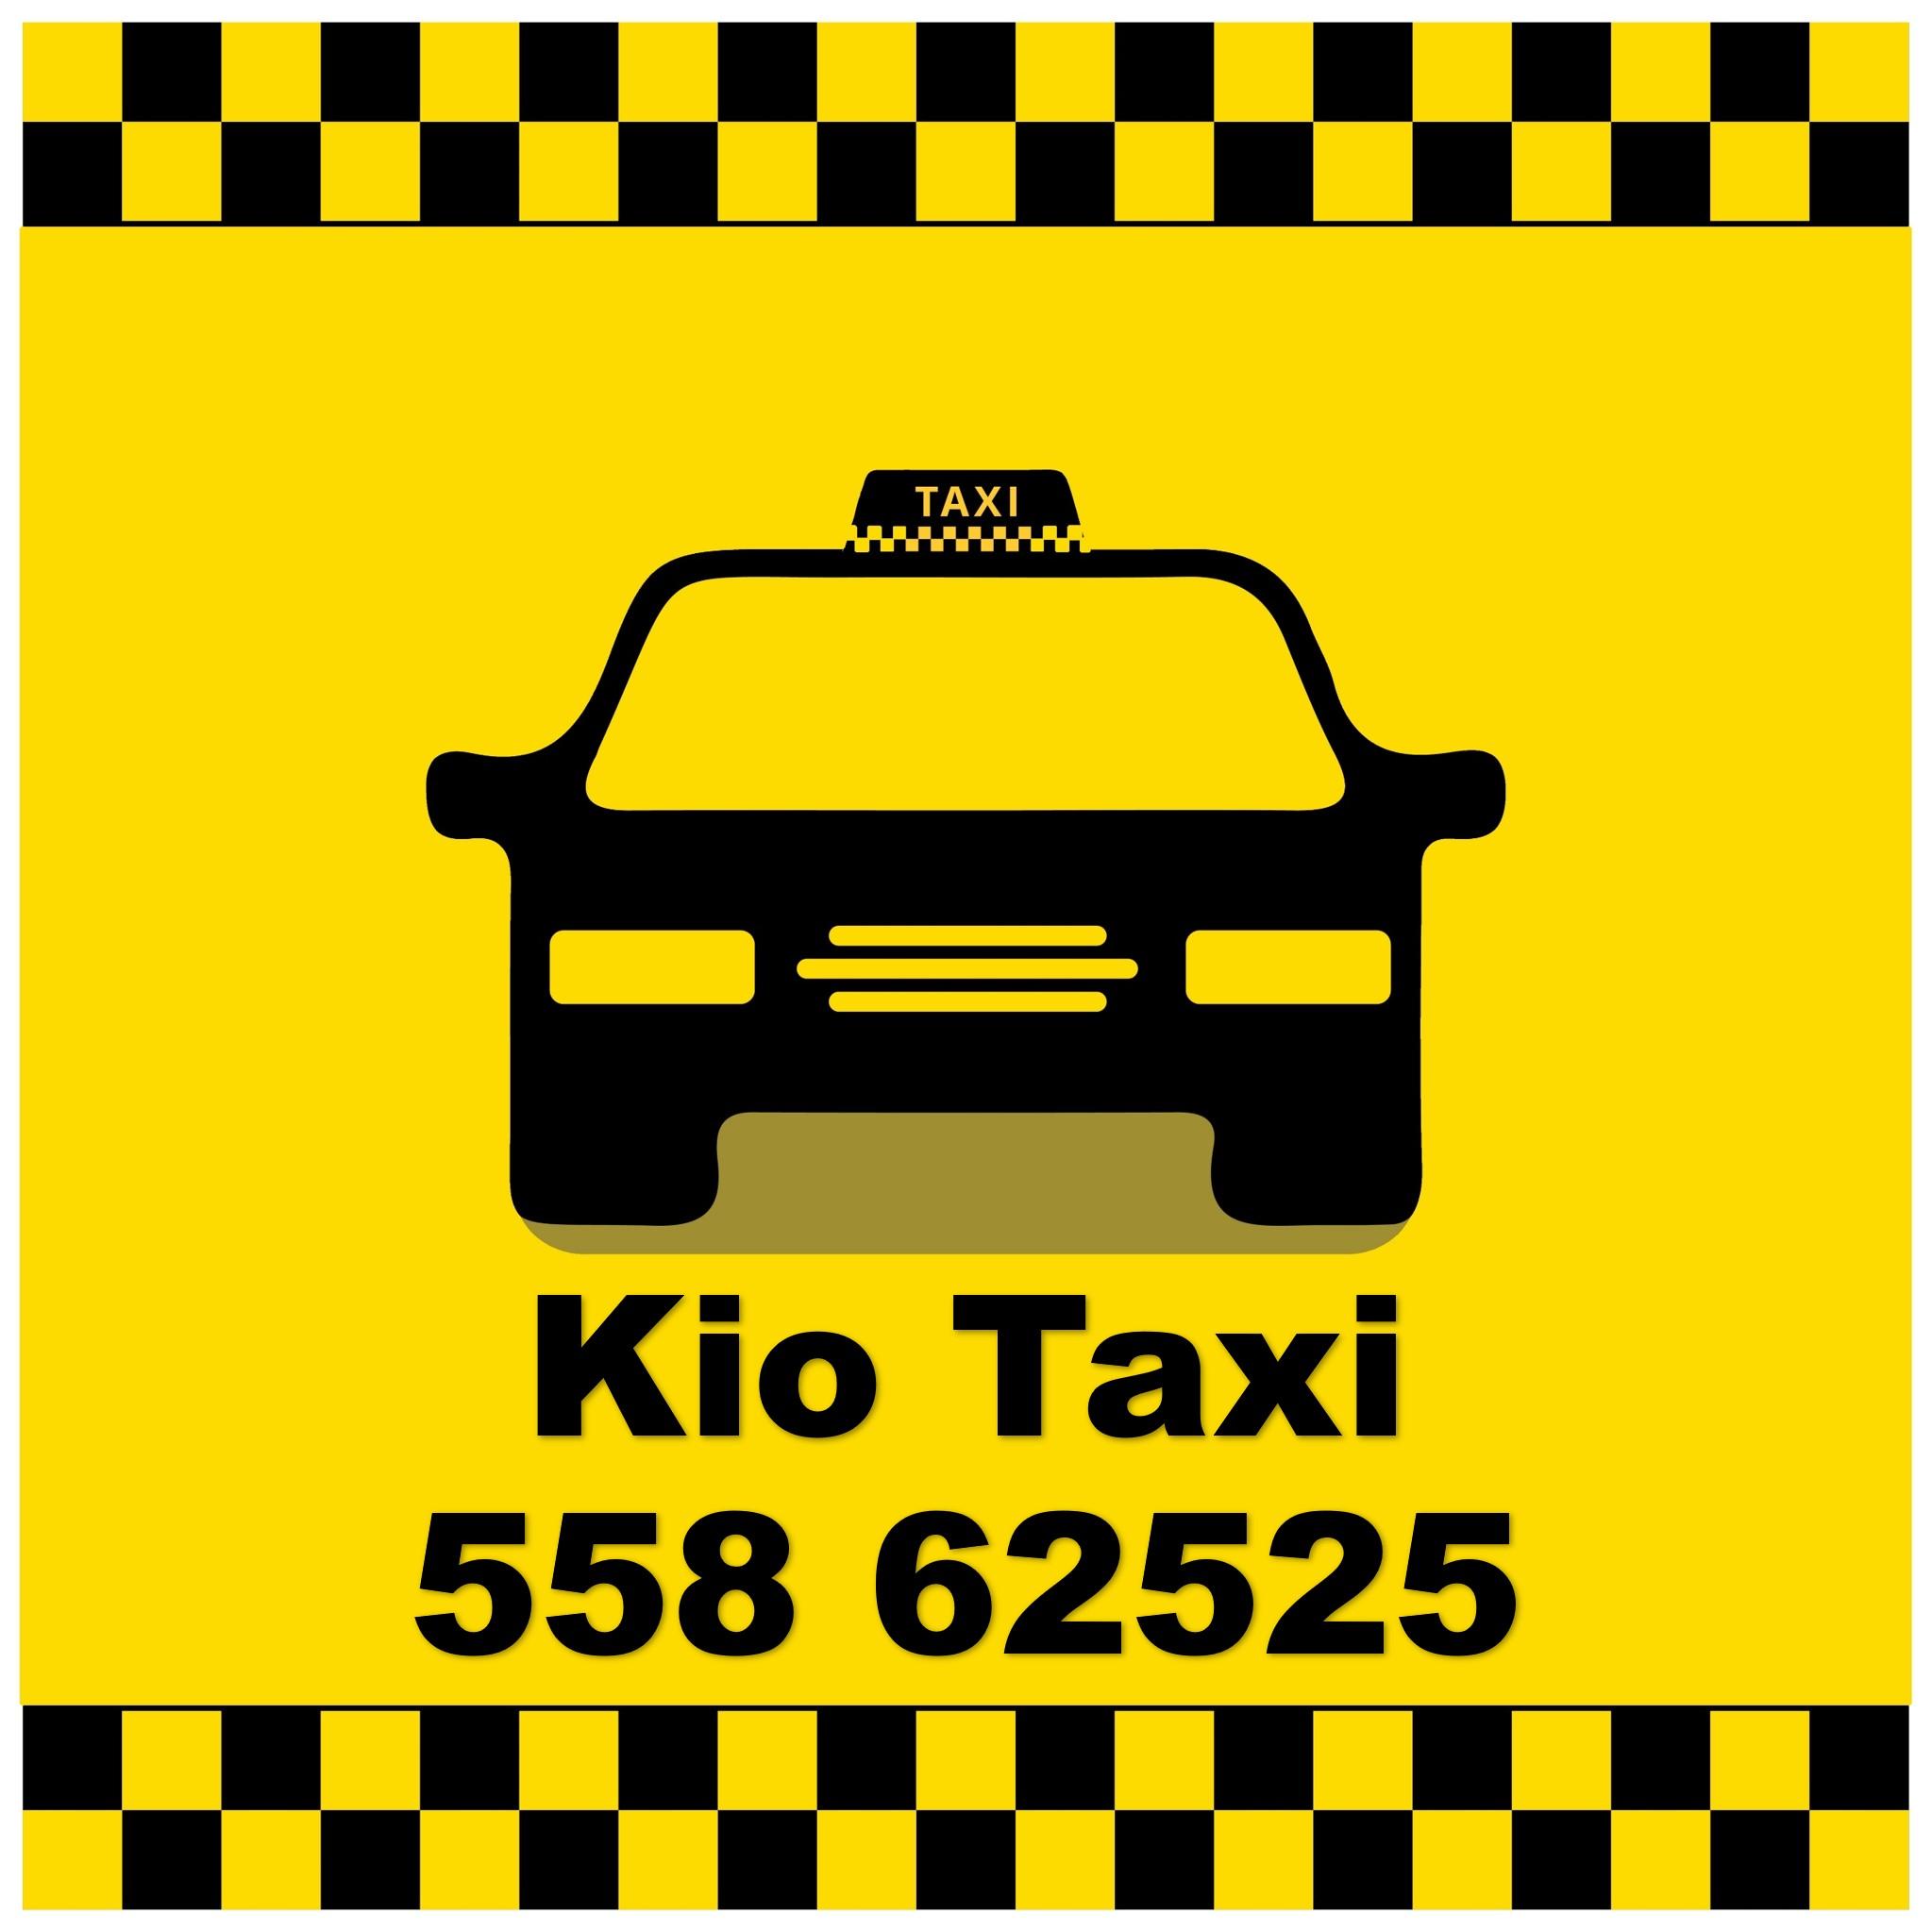 كيو تاكسي مدينة الكويت